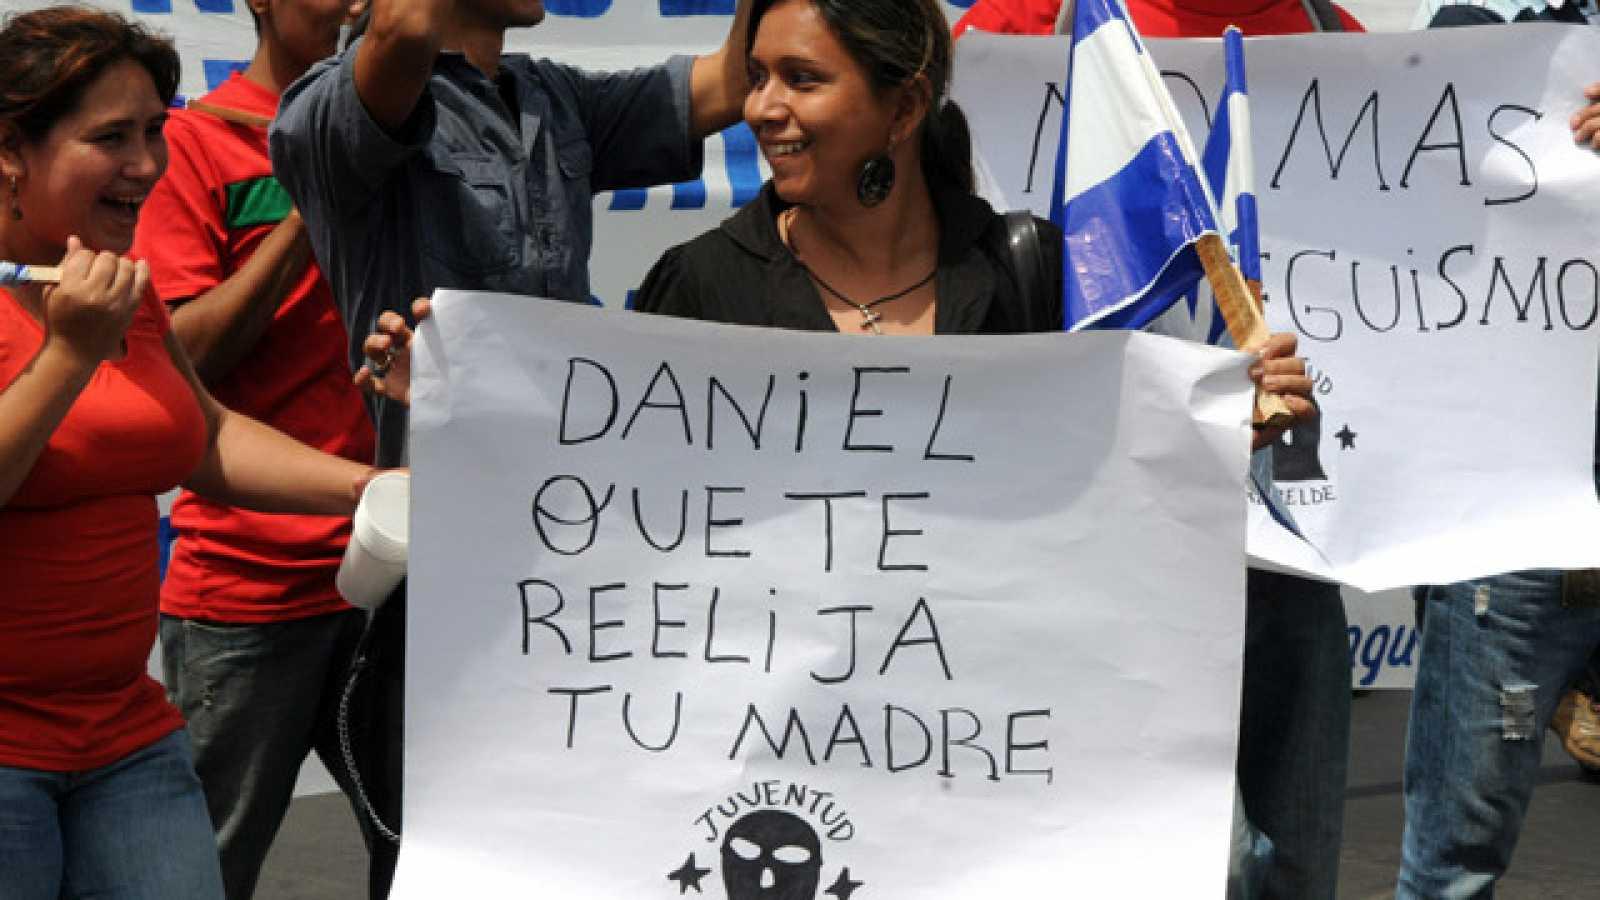 Movimientos Sociales presentan propuesta de programa que incluye el voto de los nicaragüenses en el exterior, y la no reelección presidencial